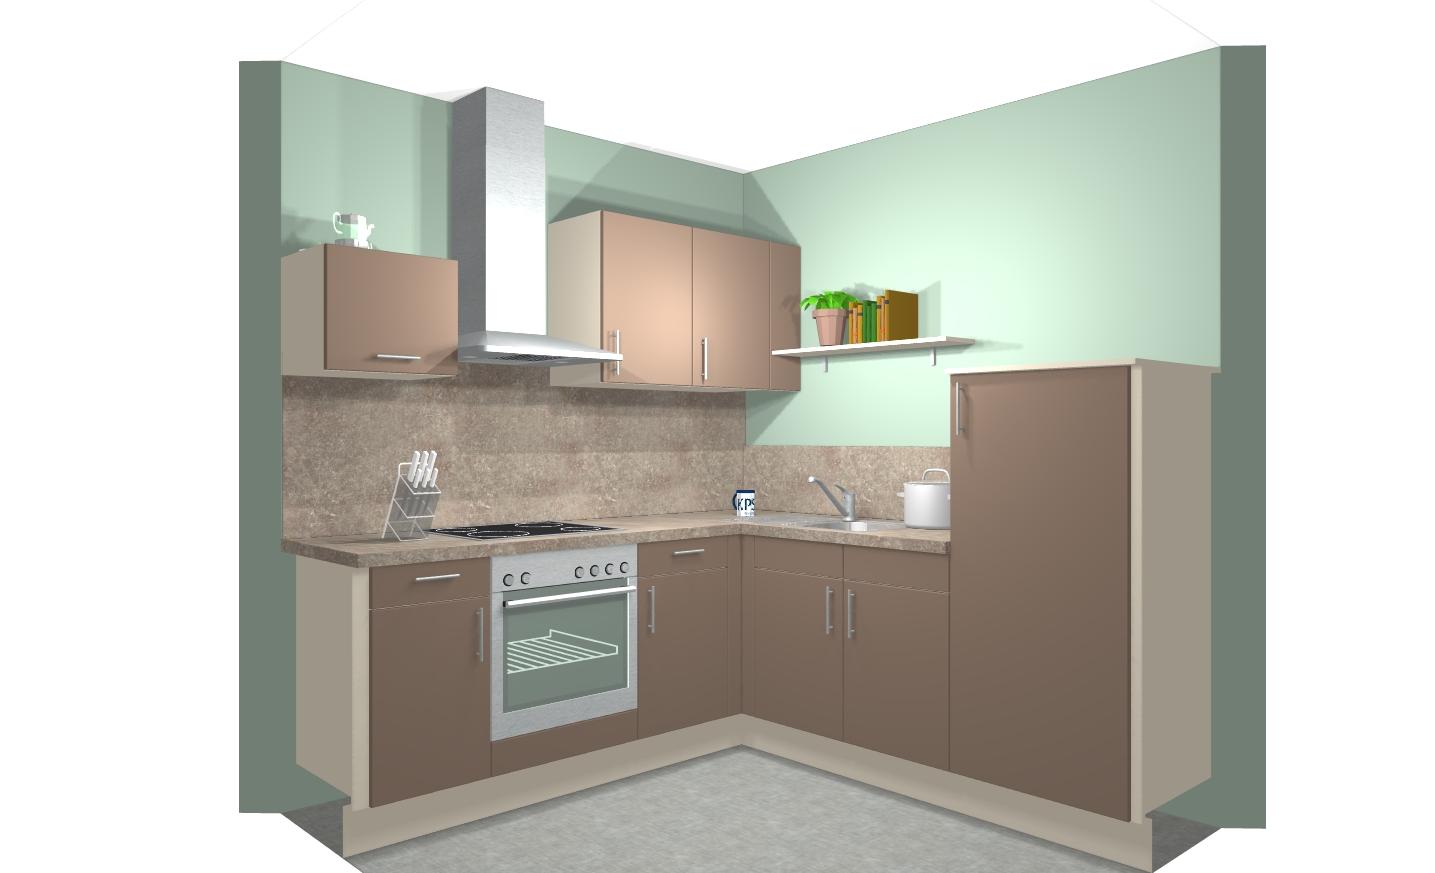 gwg k chenwohnungen. Black Bedroom Furniture Sets. Home Design Ideas